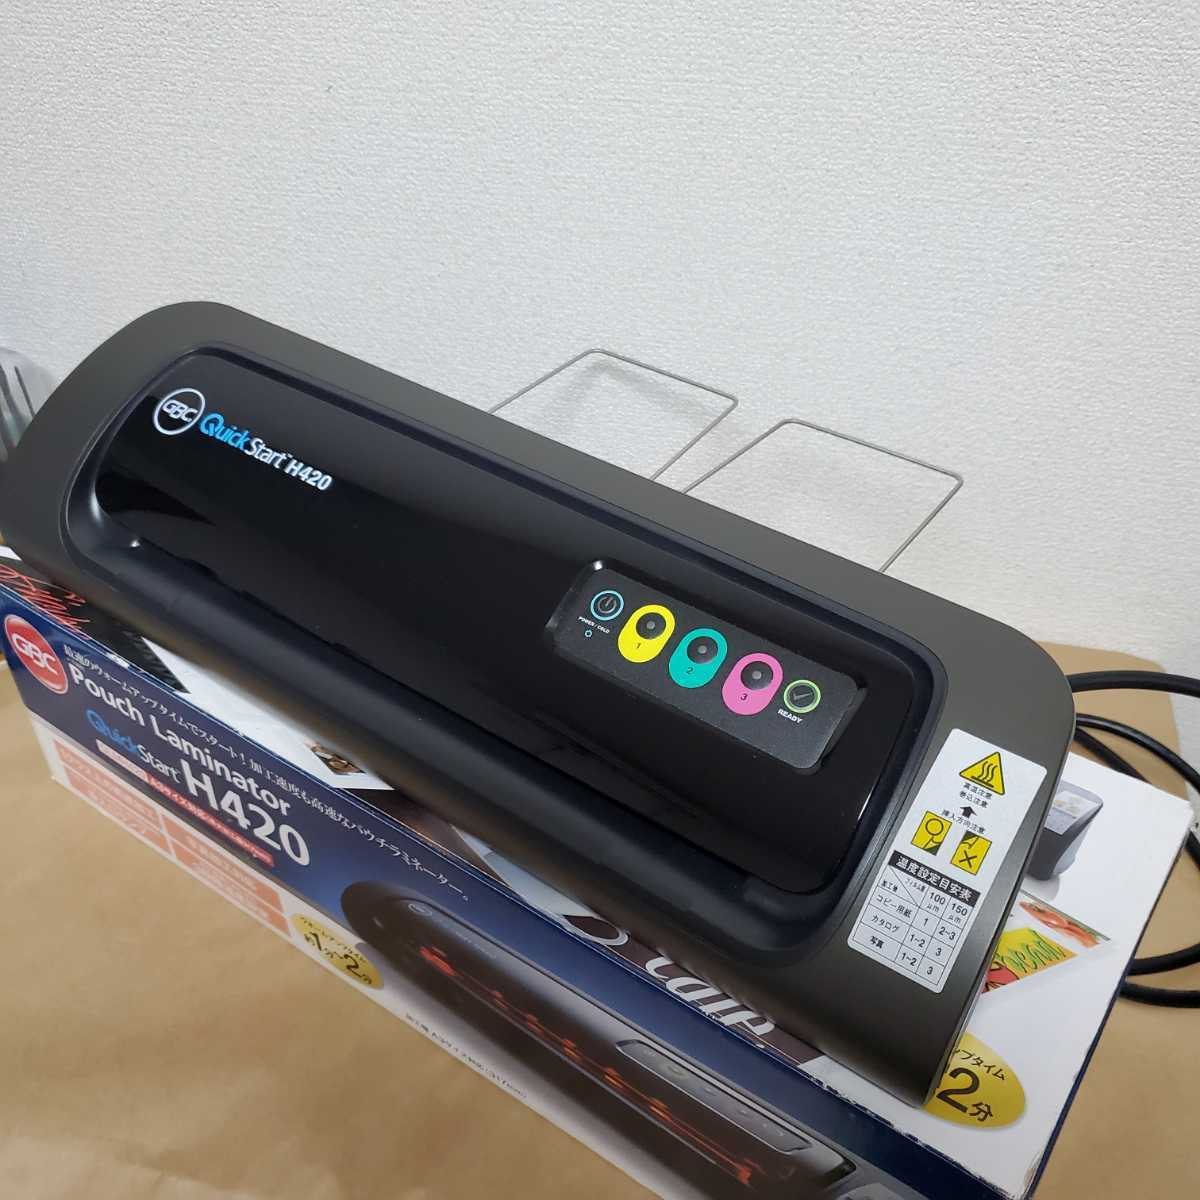 中古 GBC パウチラミネーター GLMH420 2011年製 アコブランズジャパン A3 写真加工